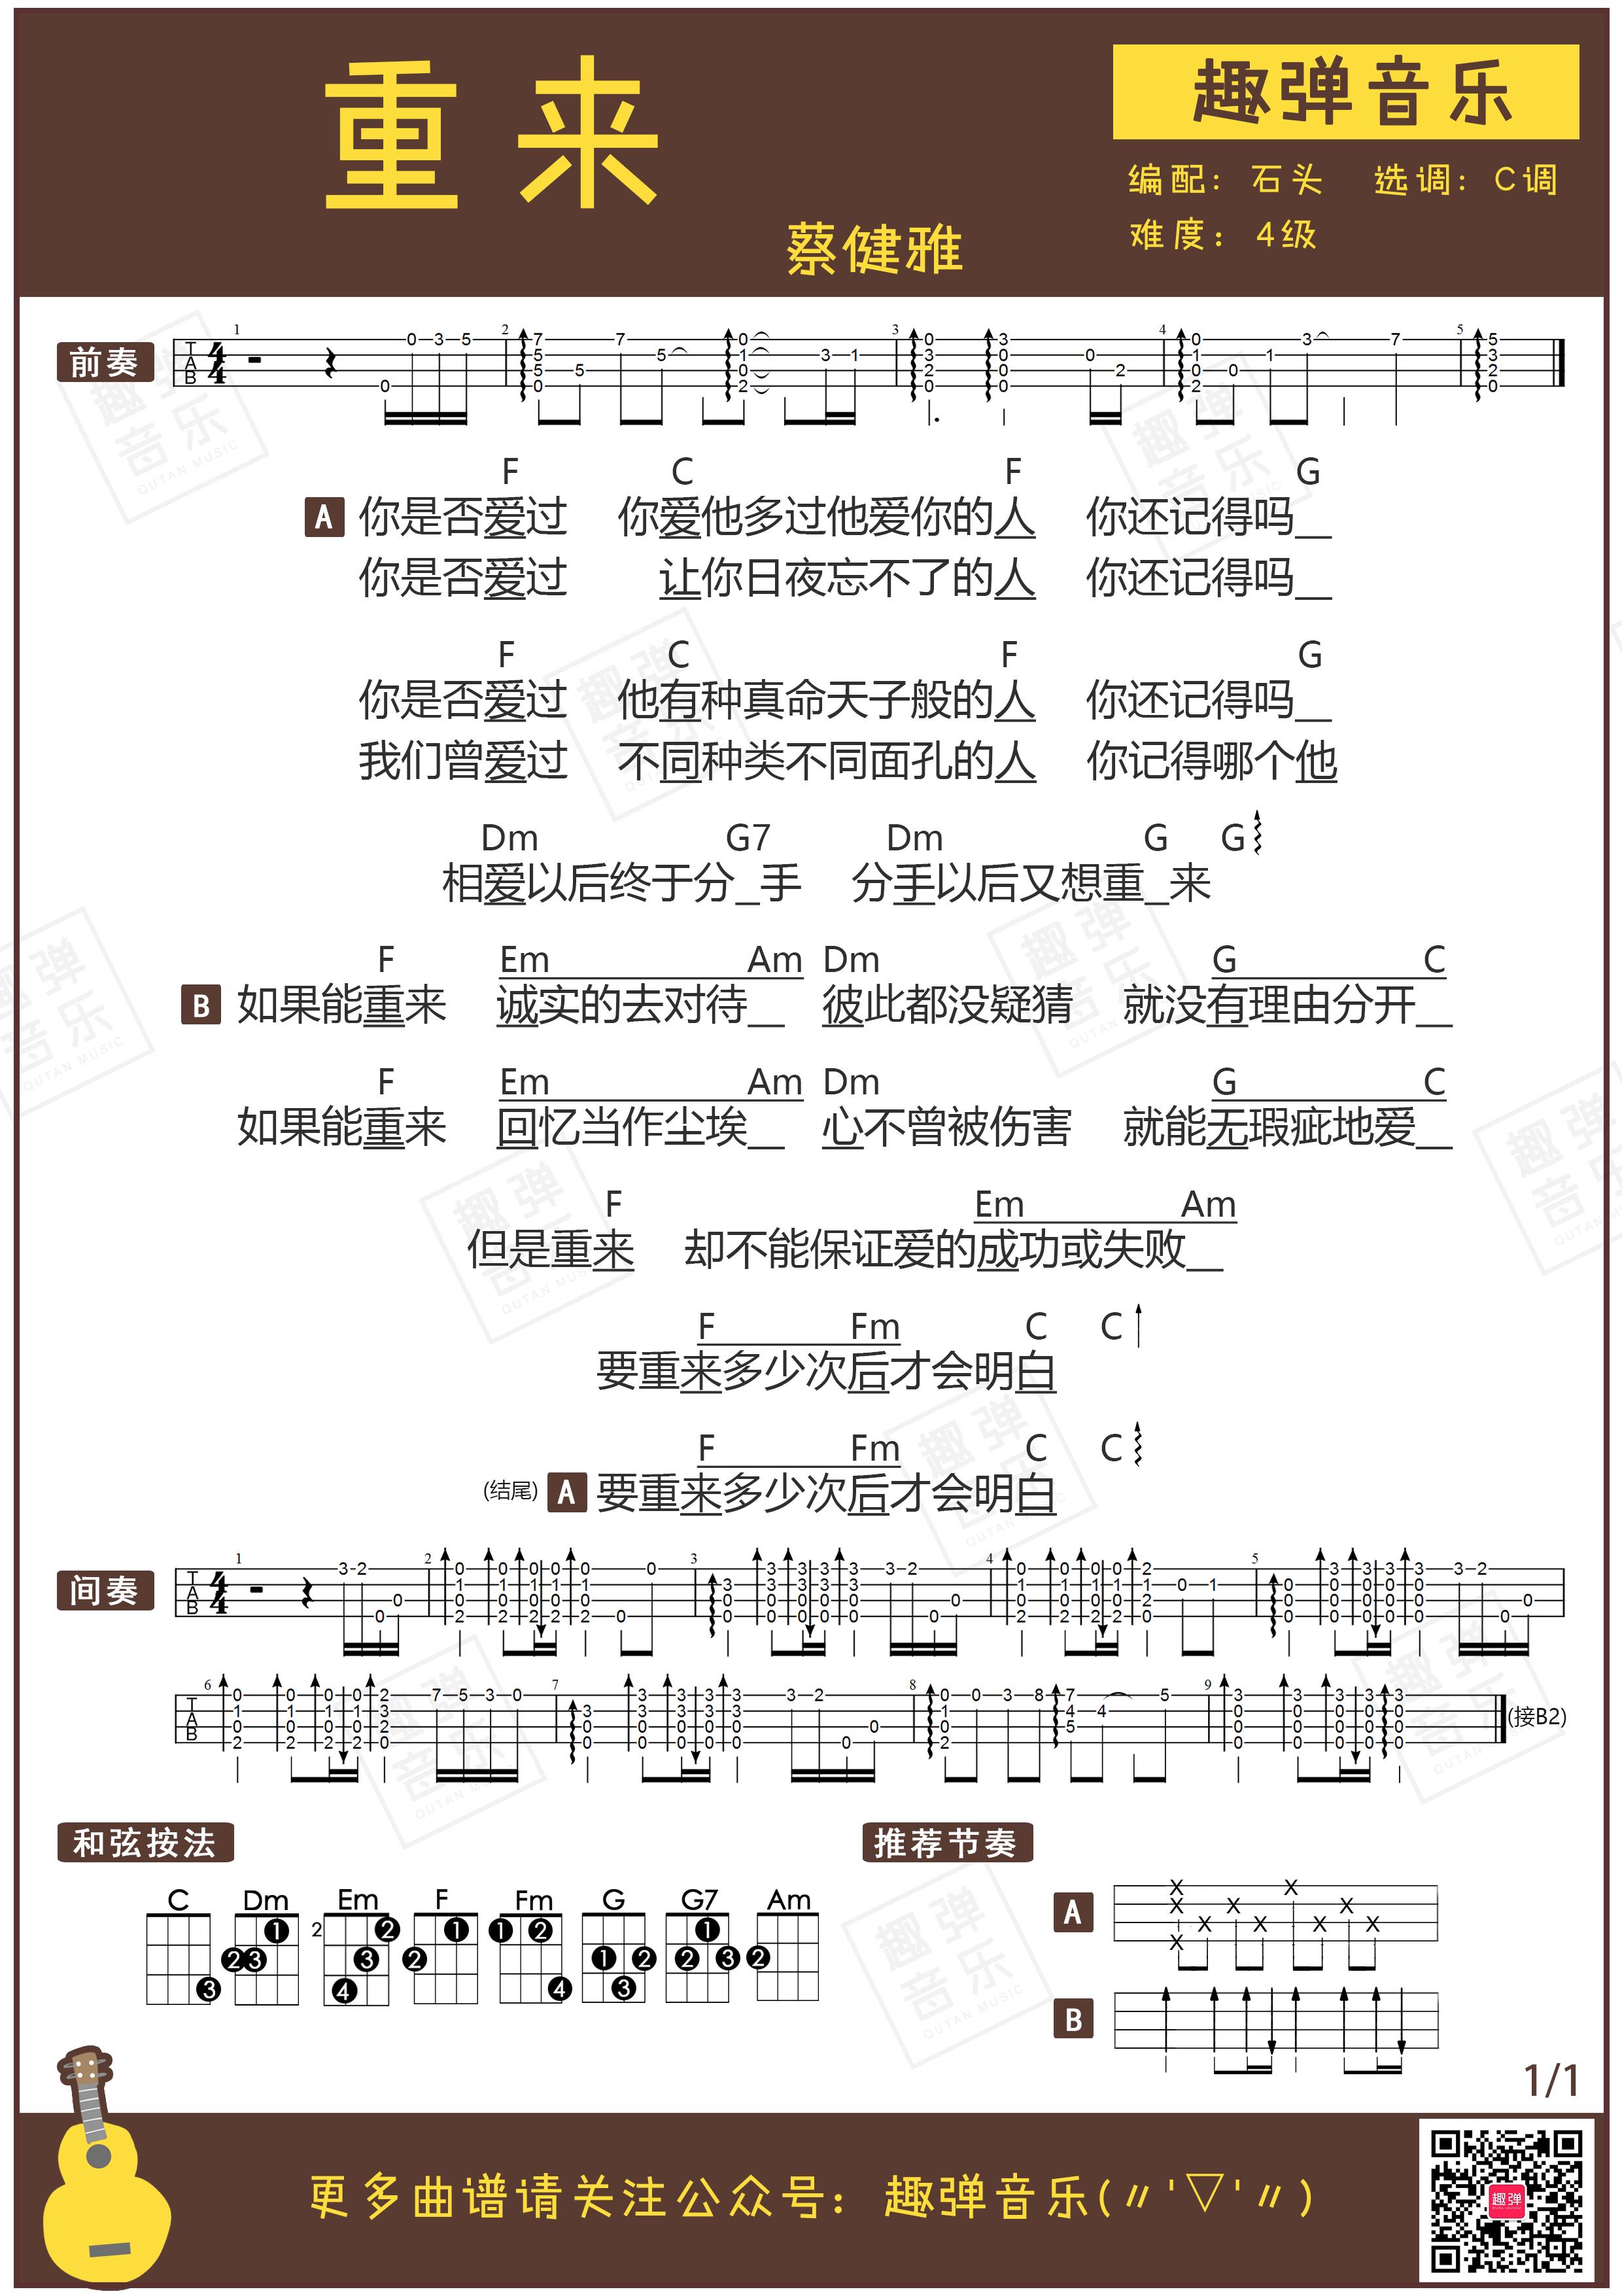 《重来》蔡健雅 尤克里里曲谱